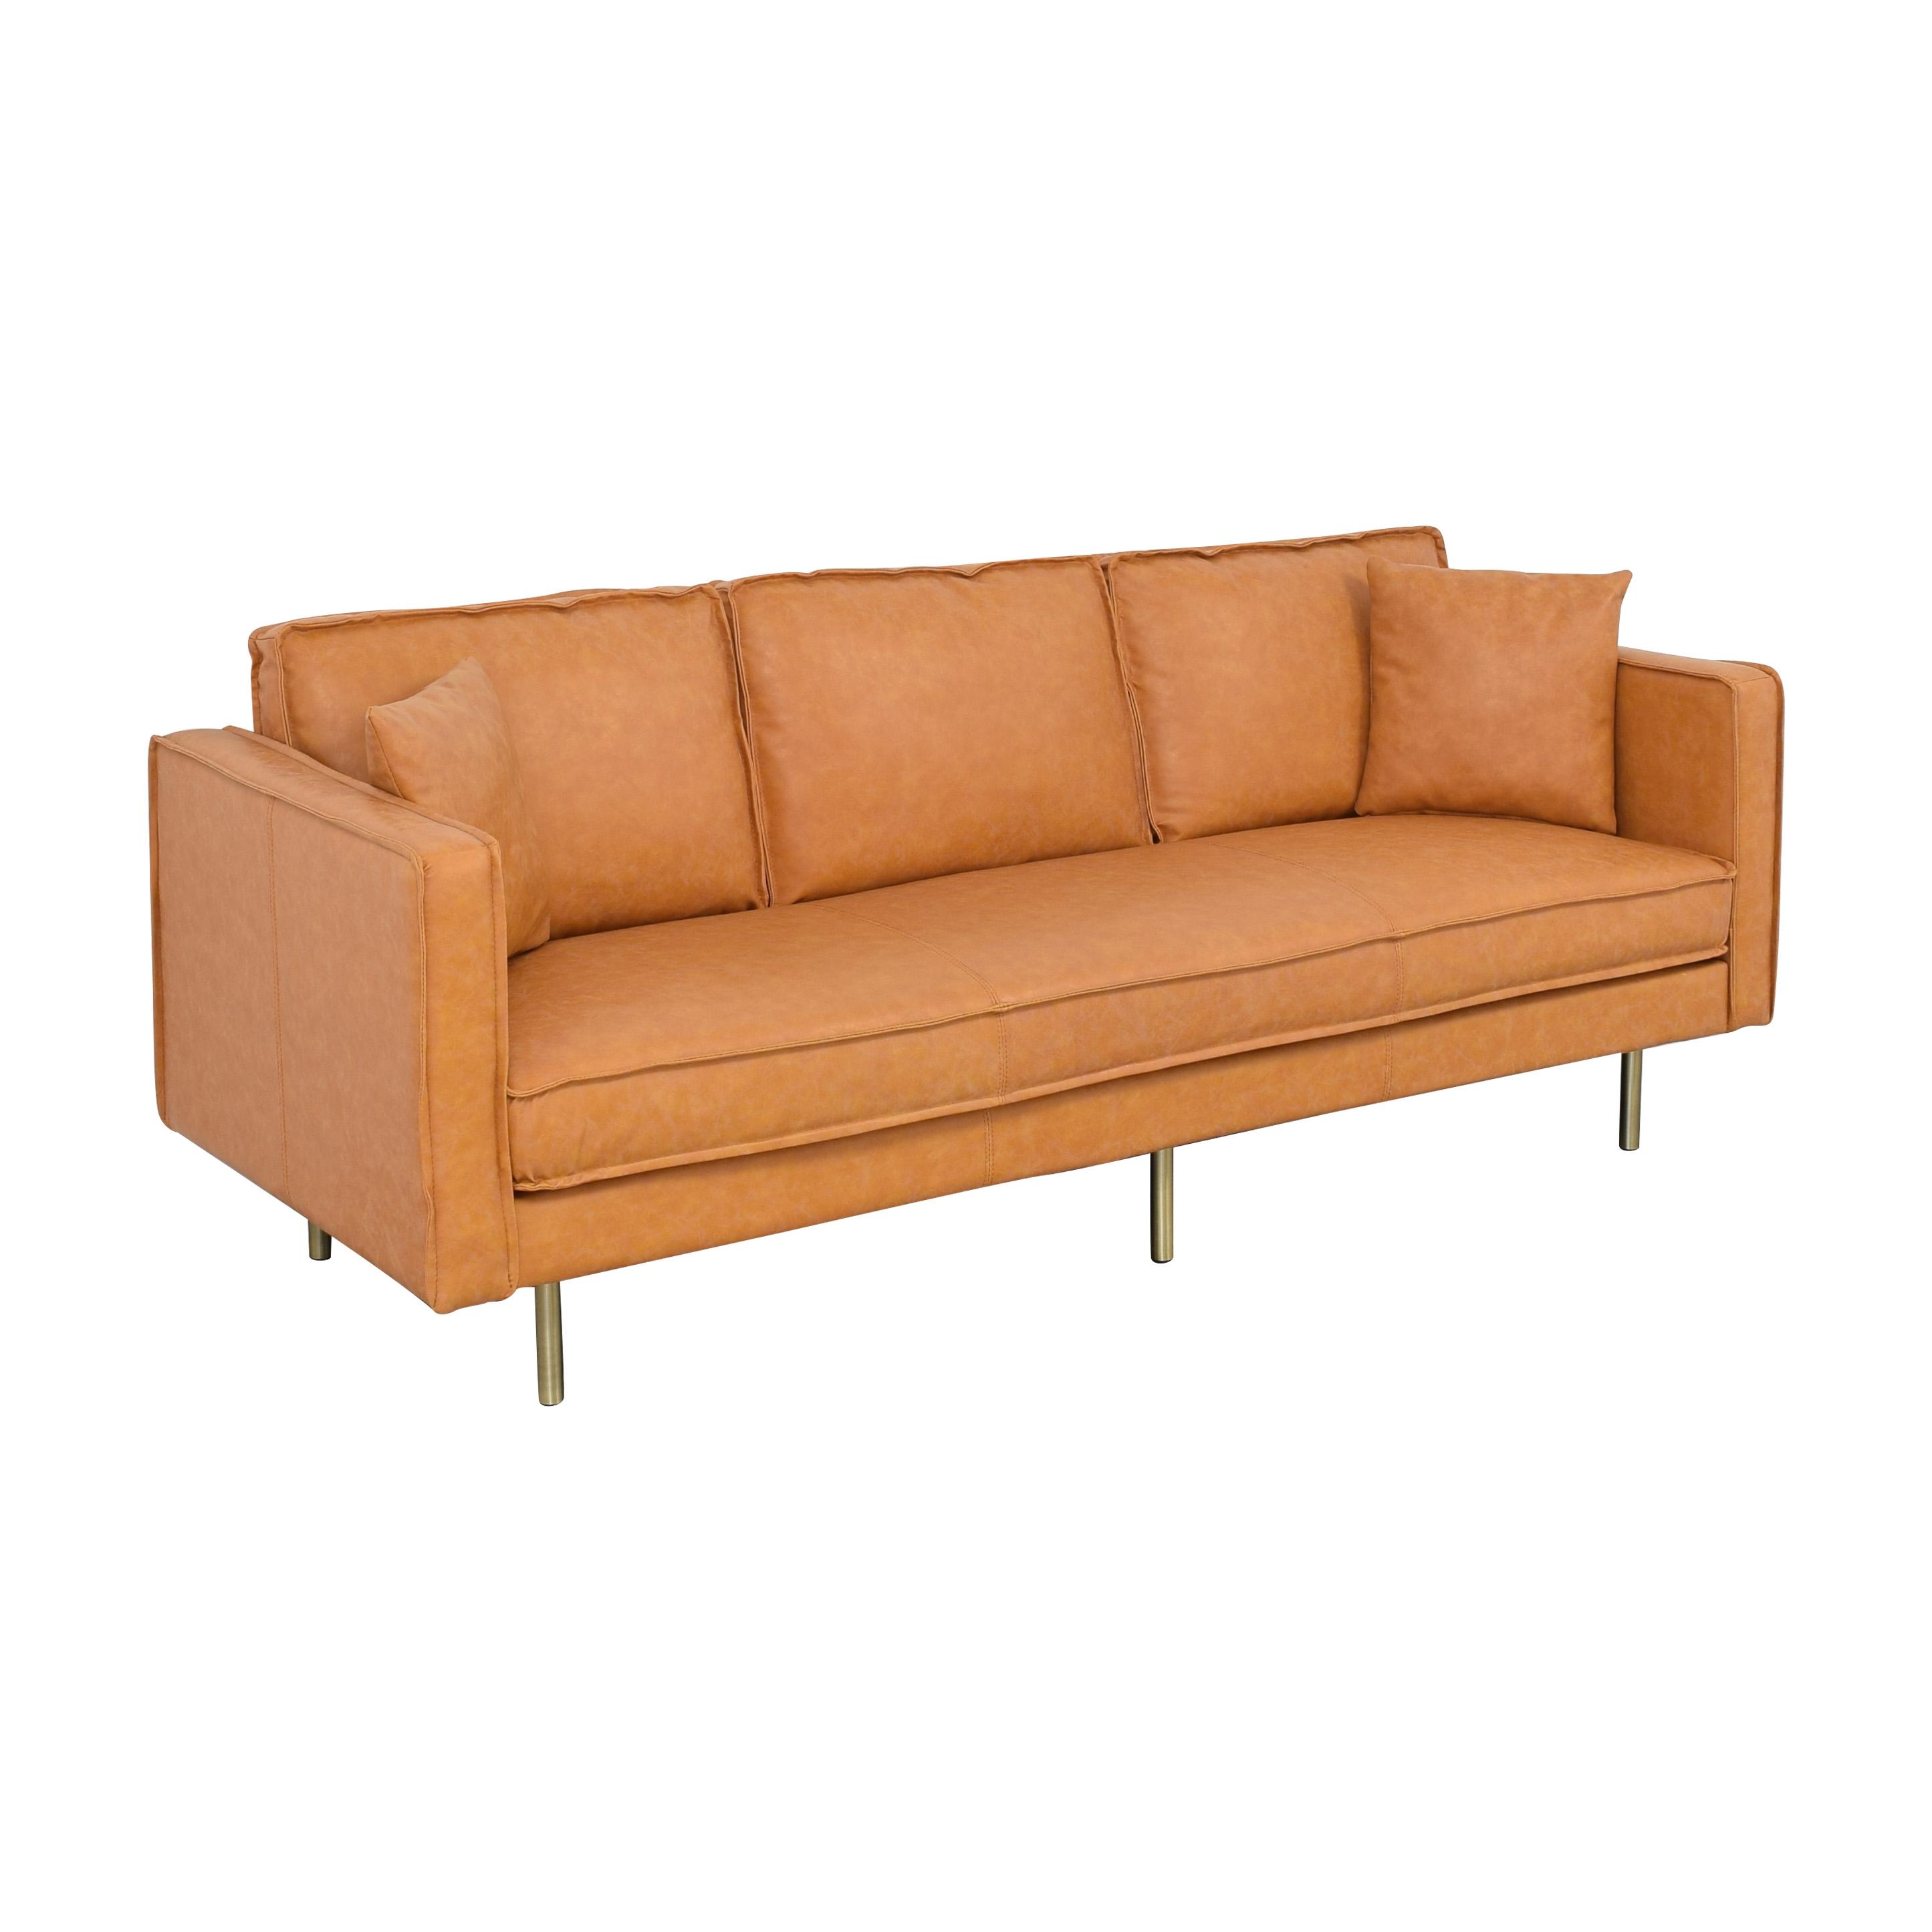 AllModern AllModern Donny Sofa Sofas